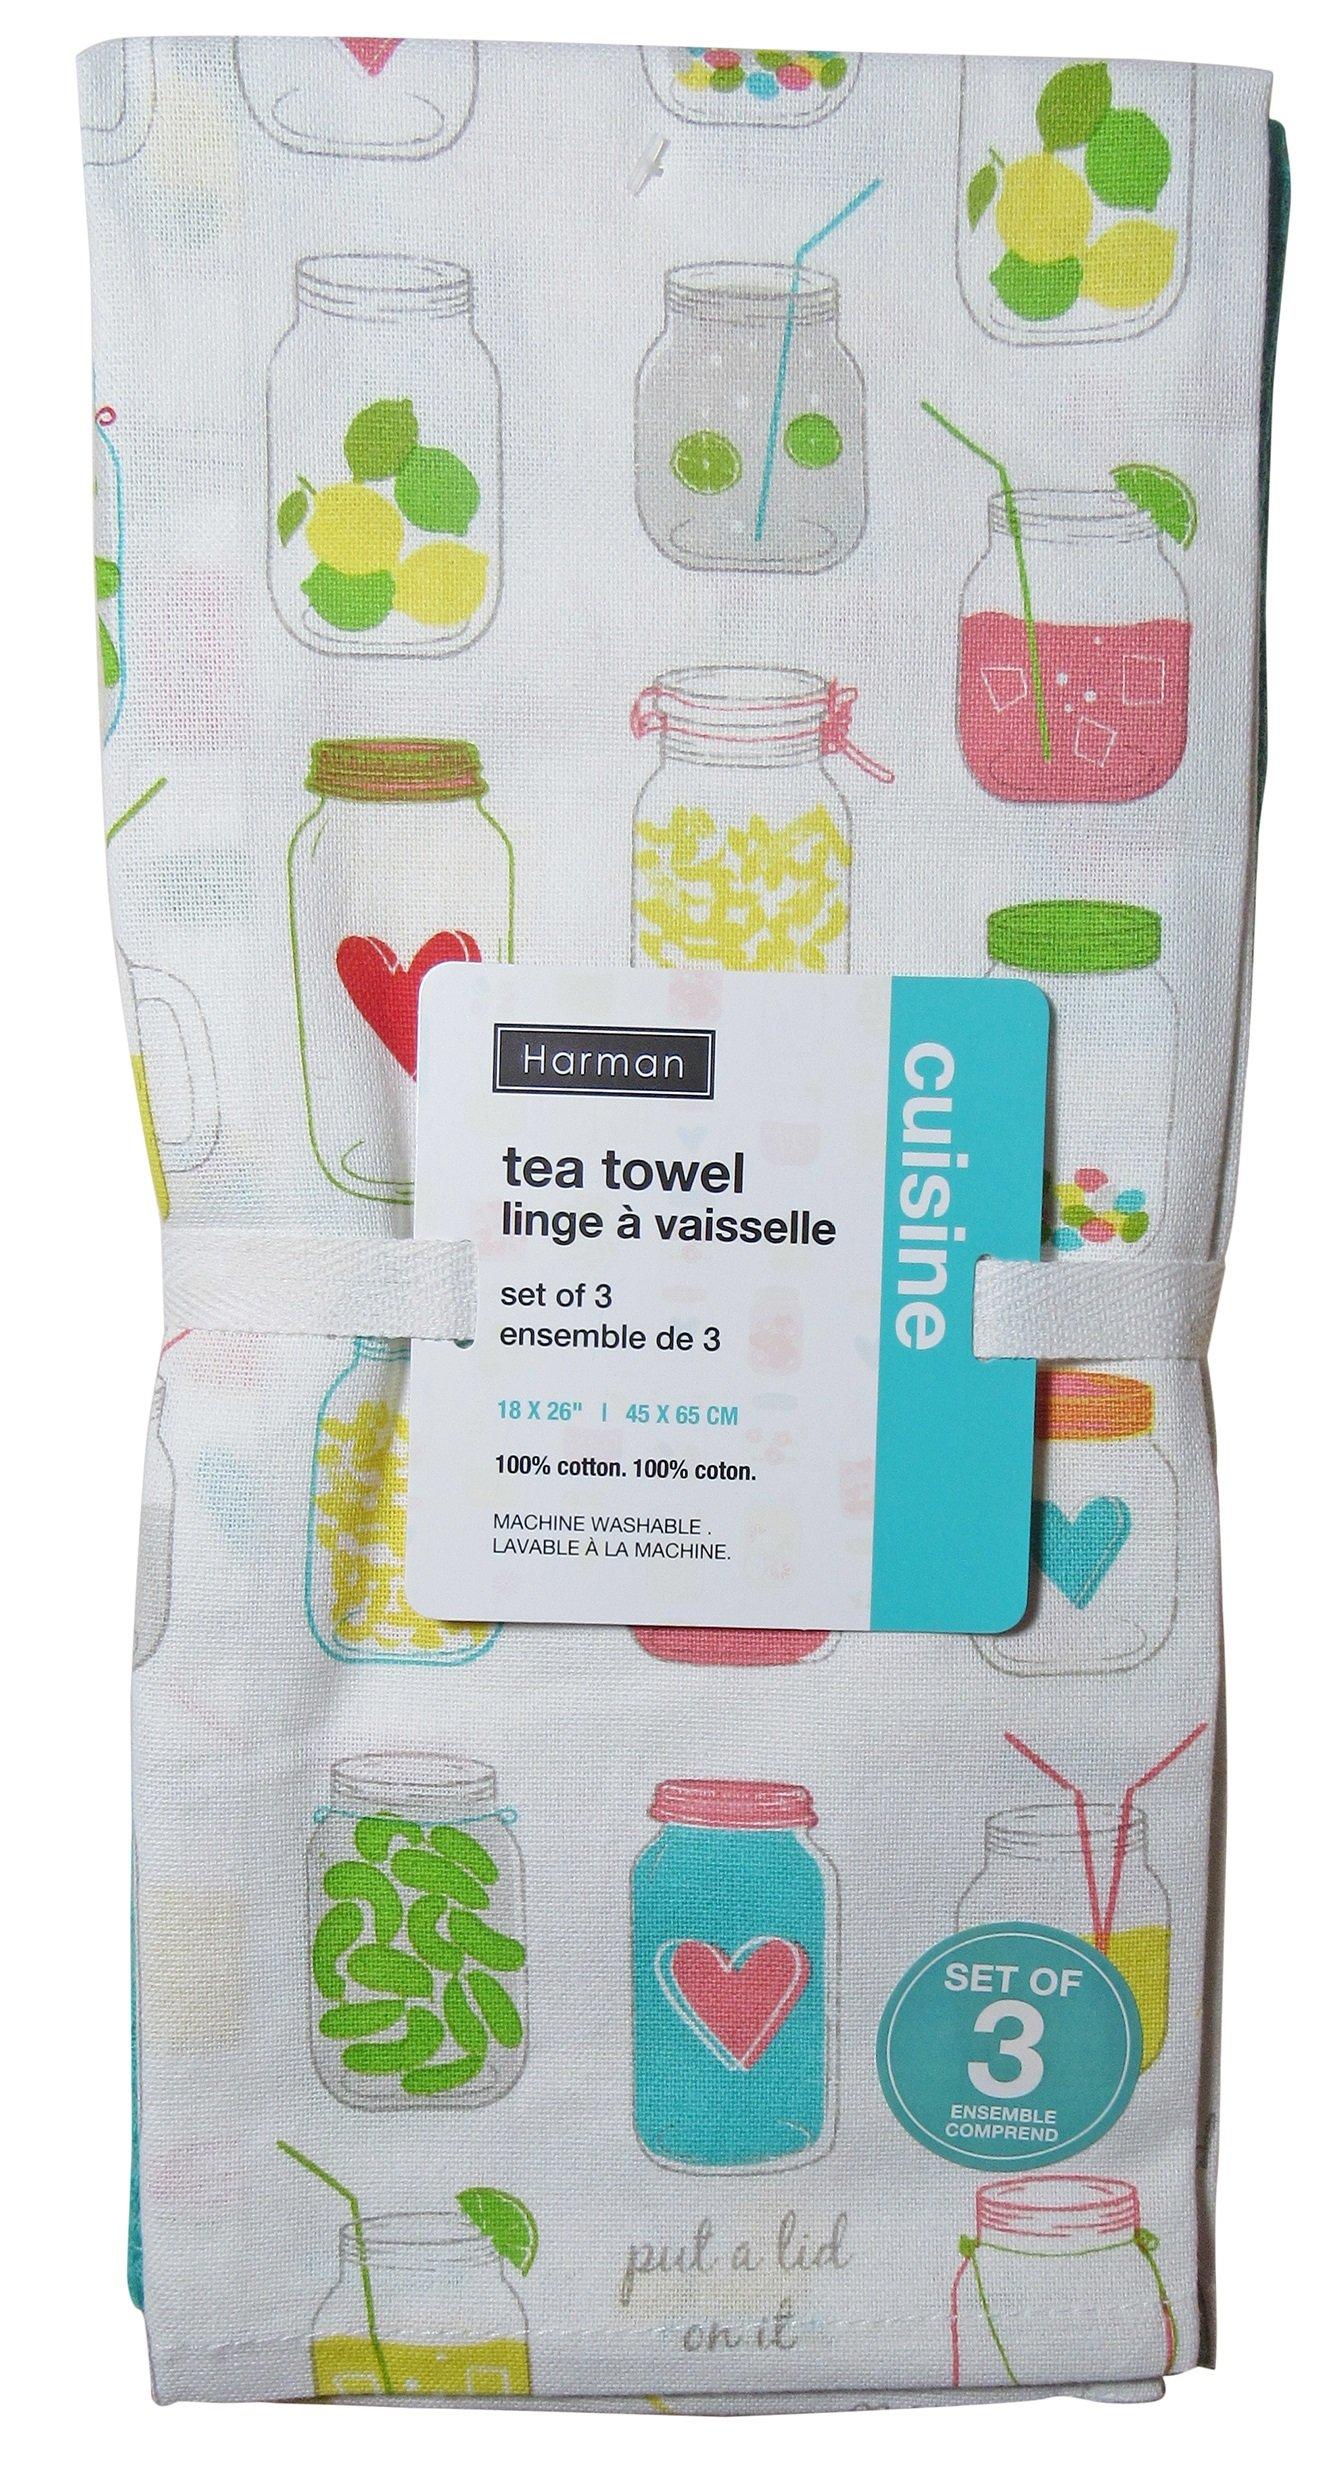 Harman Cotton Kitchen Tea Towels Set of 3-18x26 Fun Stylish Patterns (Put a Lid On It Mason Jars)